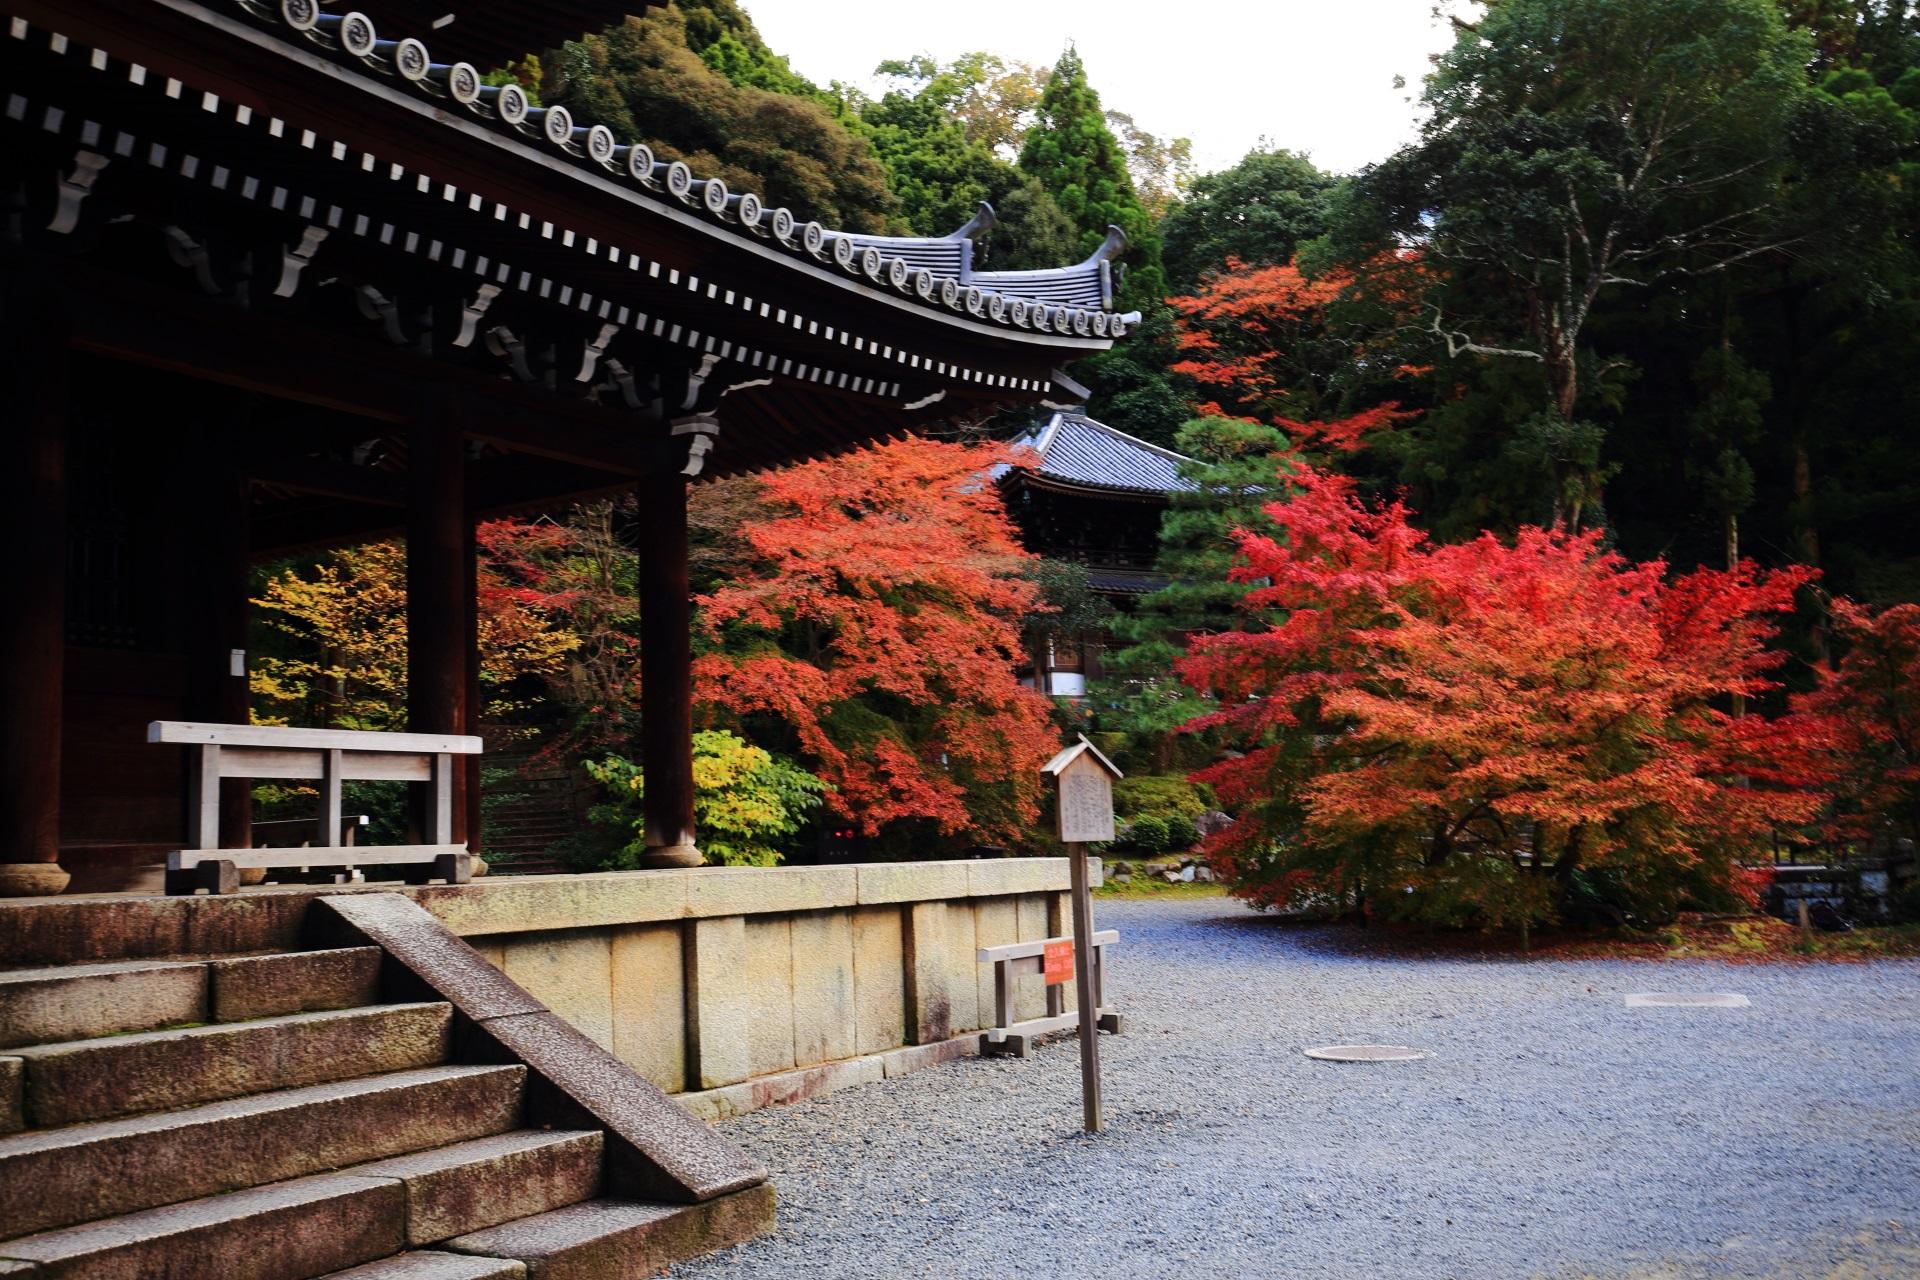 知恩院の経蔵と納骨堂を華やぐ極上の紅葉